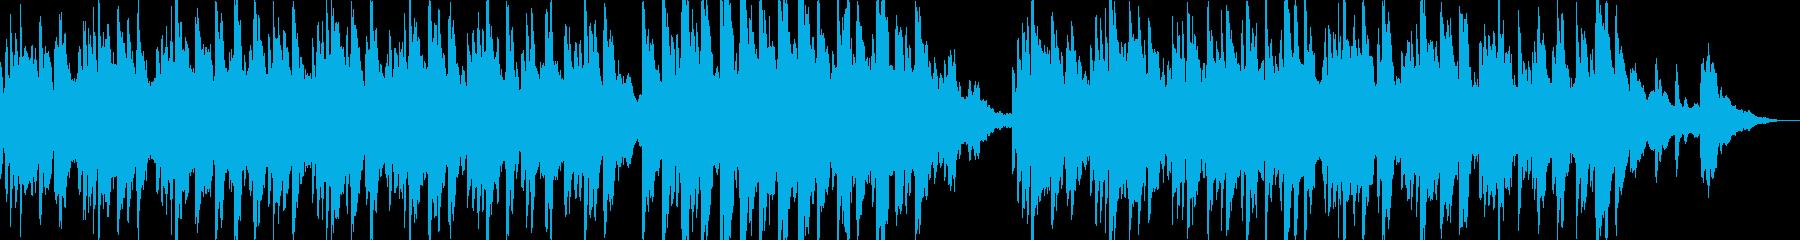 ドラマ001 16bit48kHzVerの再生済みの波形